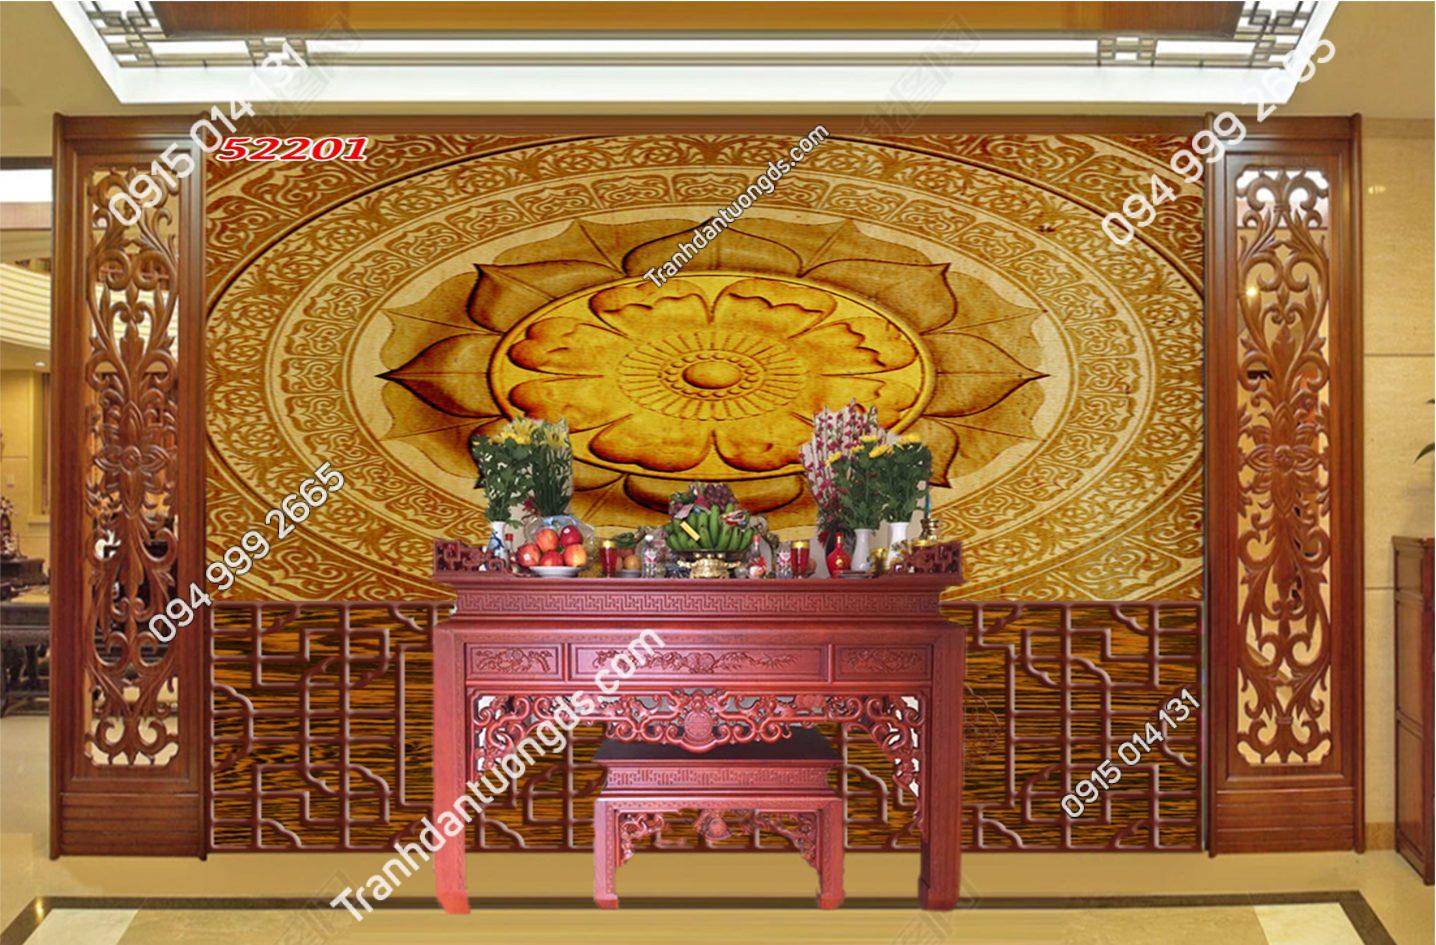 Tranh trúc chỉ Mandala phòng thờ 52201